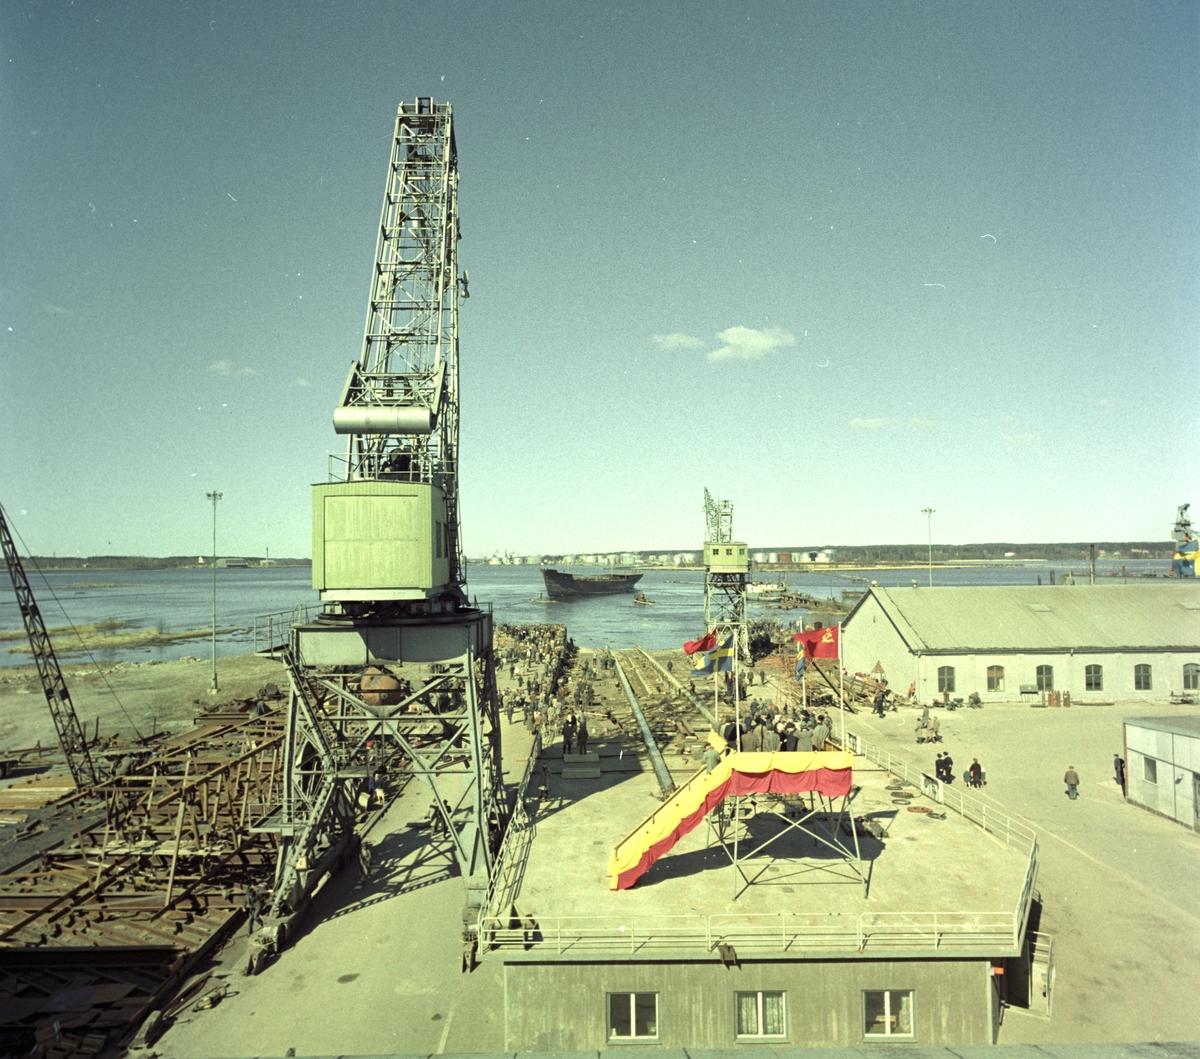 Stapelavlöpning. 18 april 1961. Gävle Varv anlades 1873. Efter en konkurs 1921 bildades Gefle Varfvs och Verkstads Nya AB, som bland annat tillverkade oljecisterner och utrustningar till pappersmassefabriker. På 1940-talet återupptogs skeppsbyggeriet.